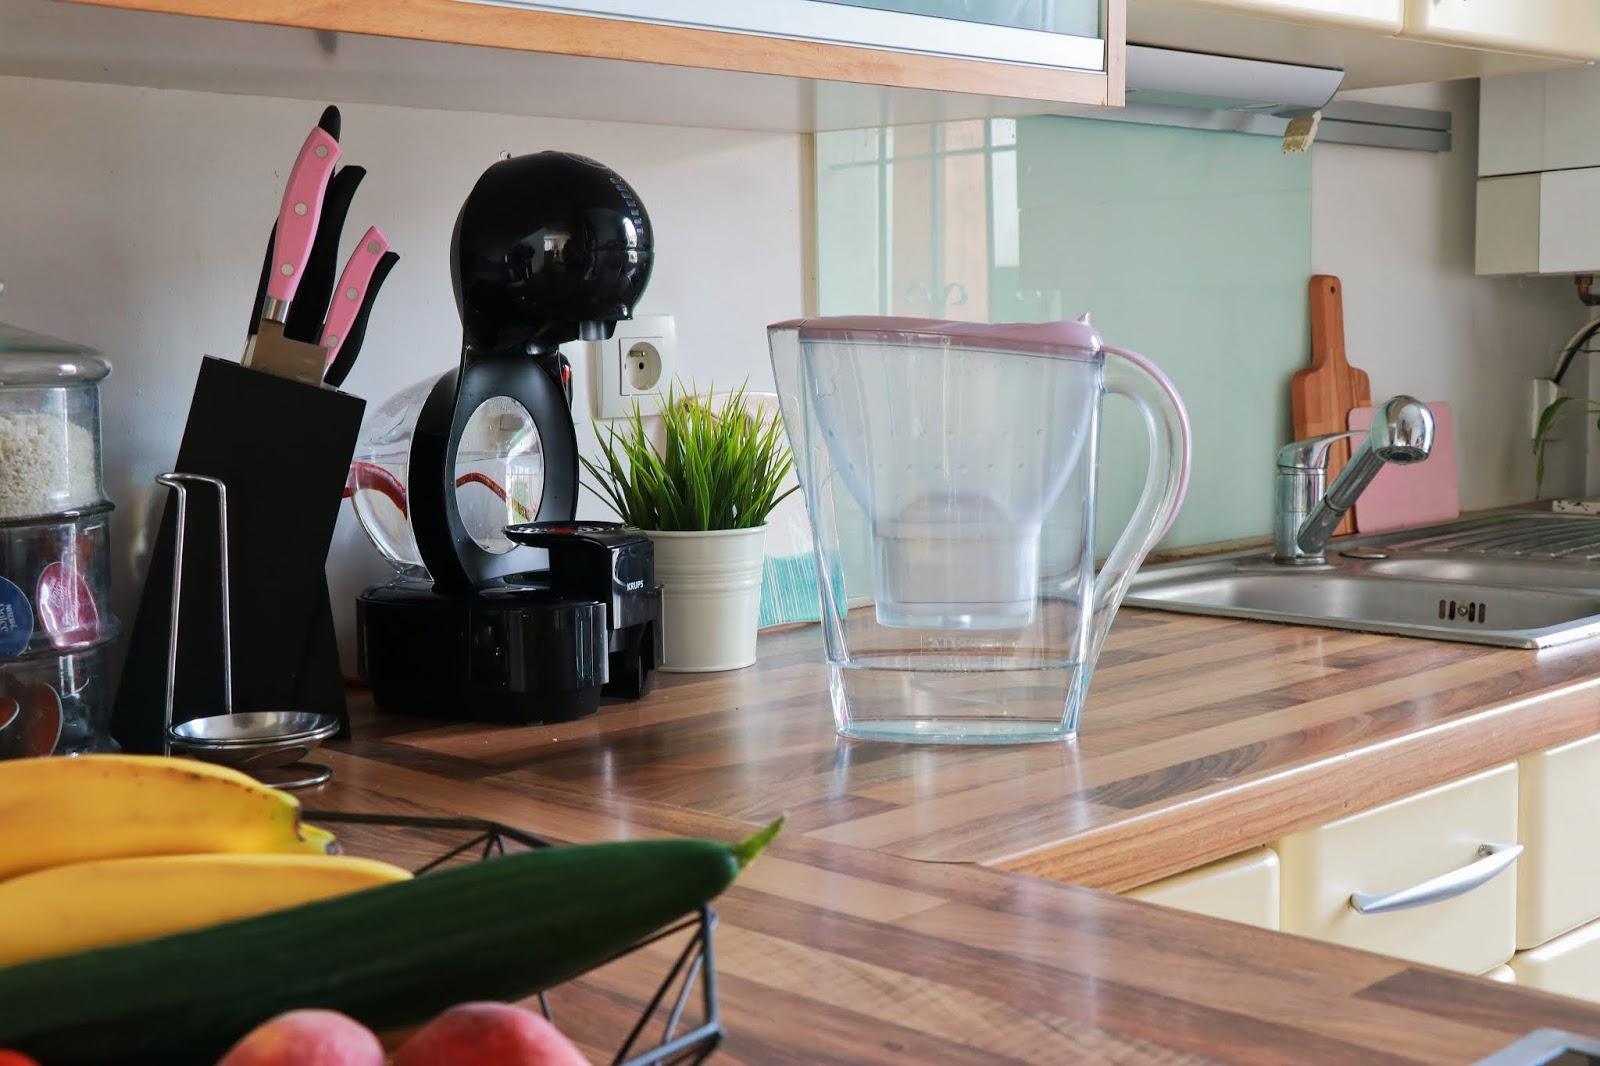 cuisine brita maison décoration déco intérieure carafe filtrante les gommettes de melo propriétaire